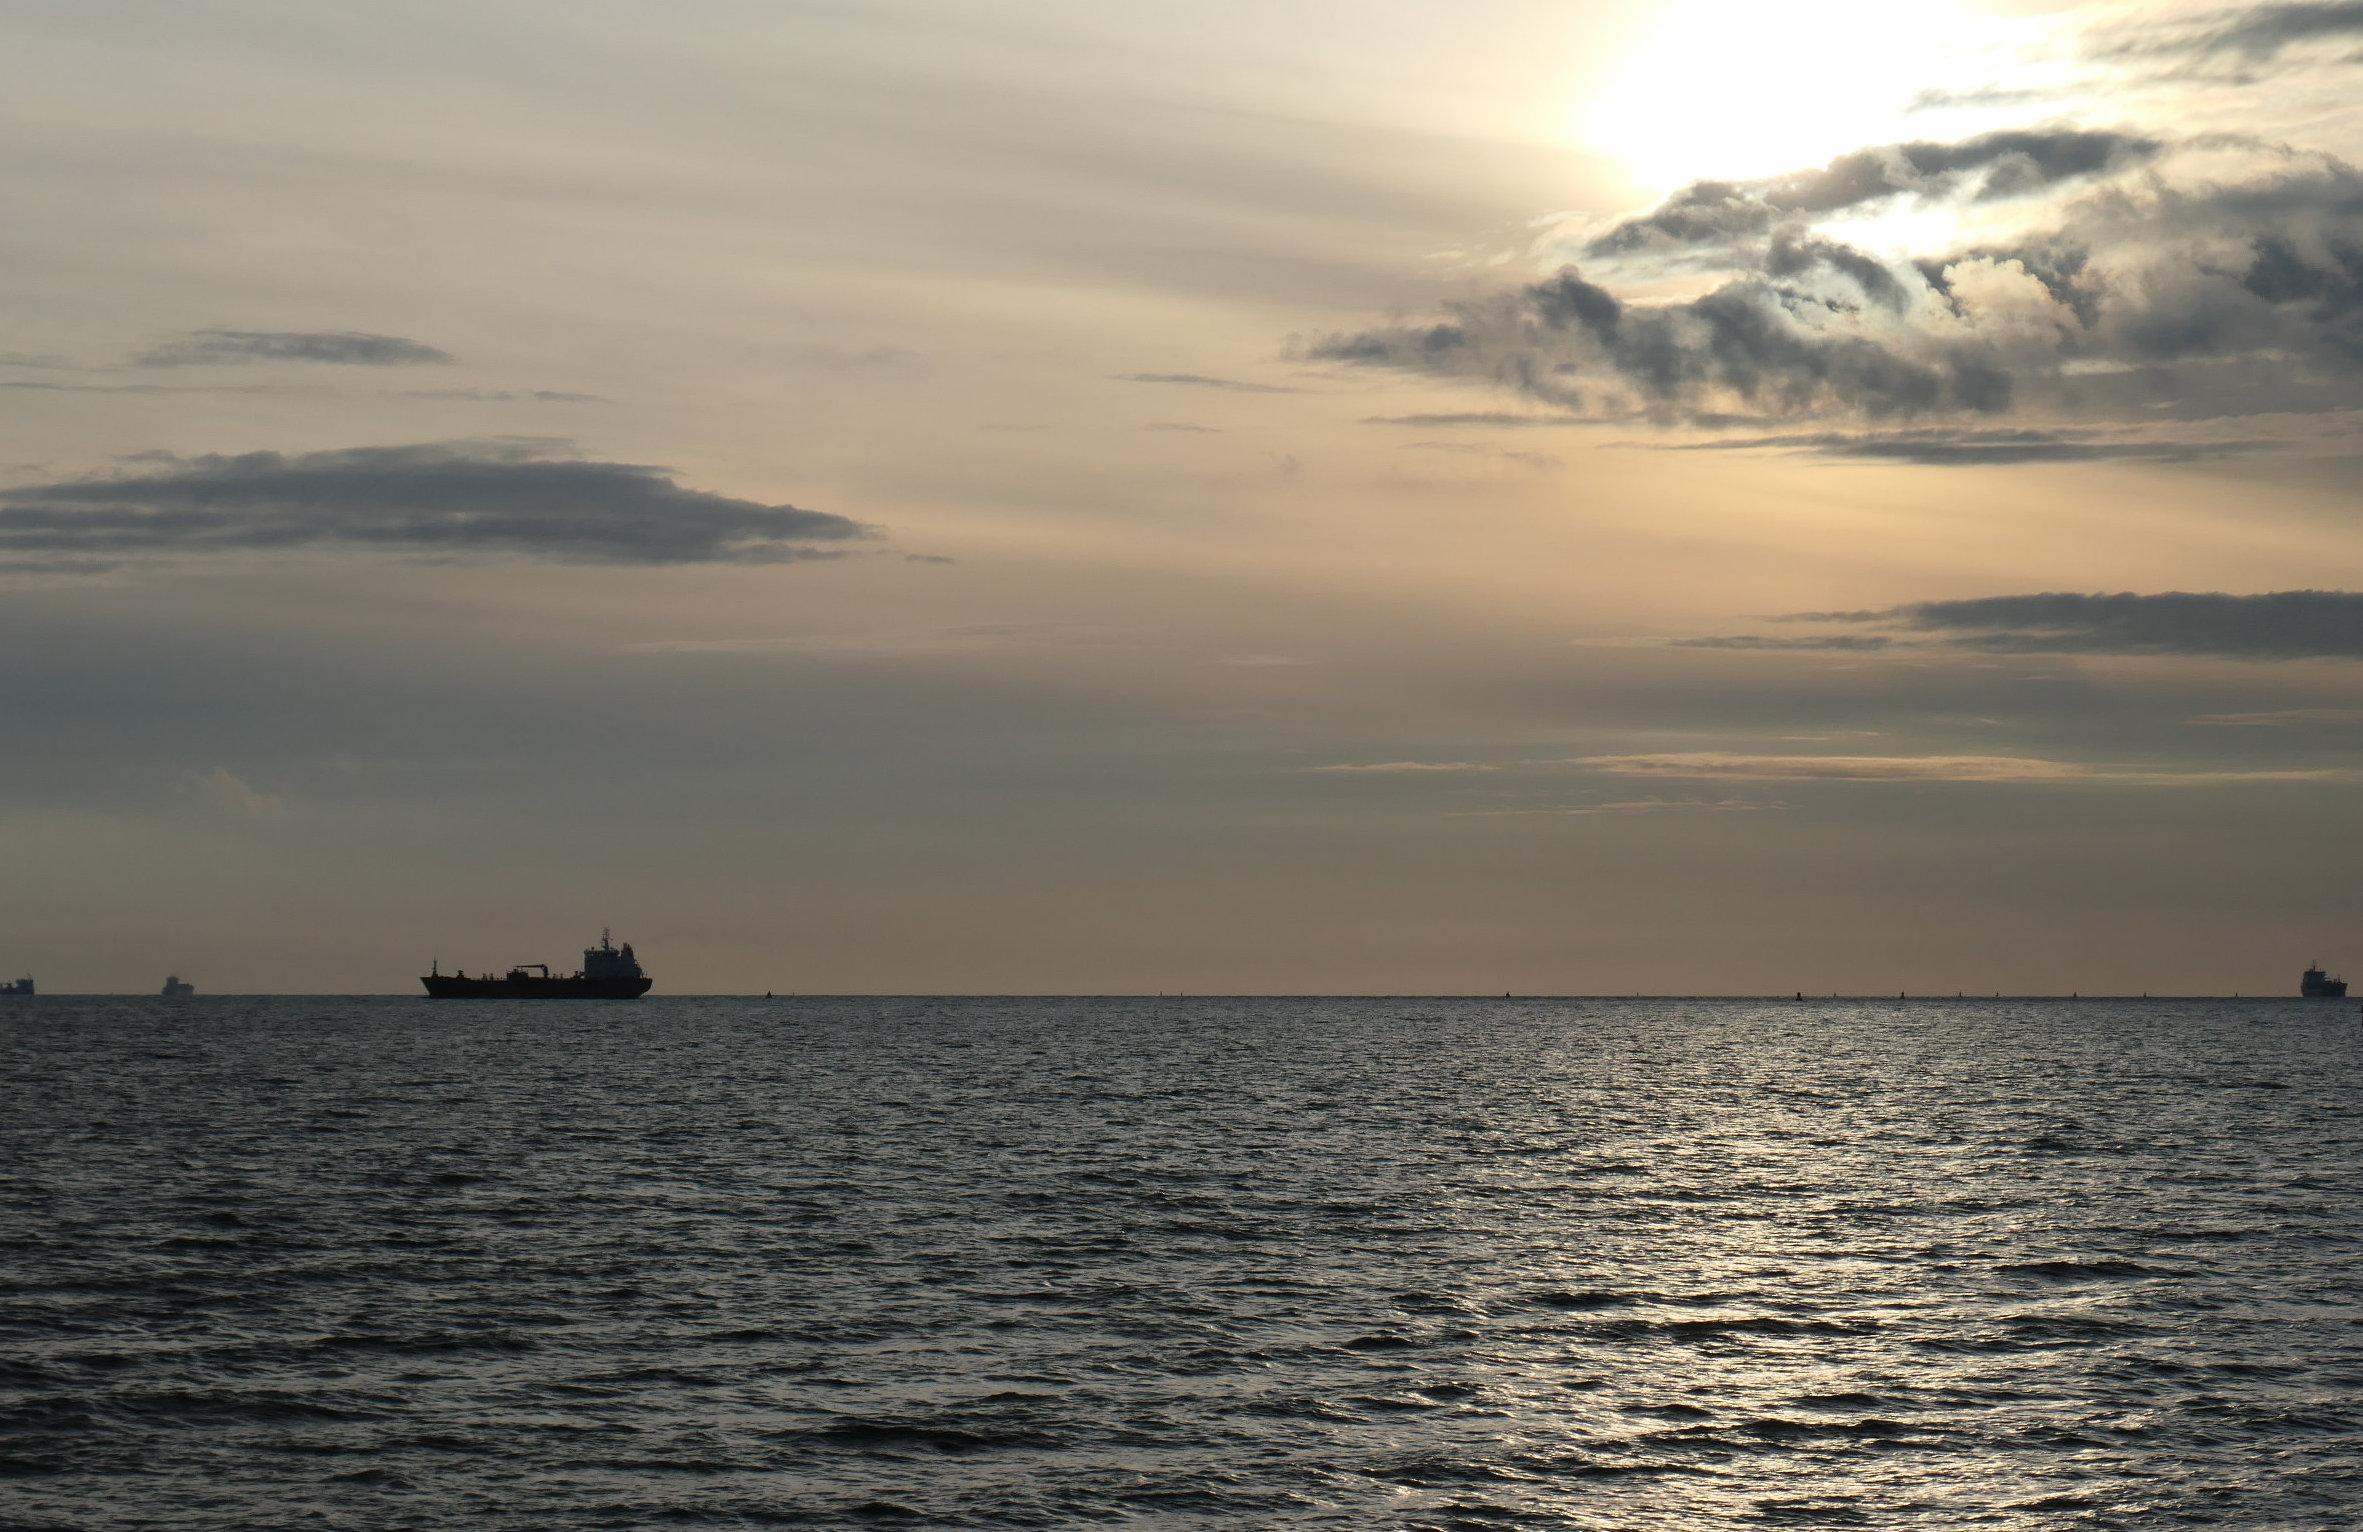 crosby evening ship queue